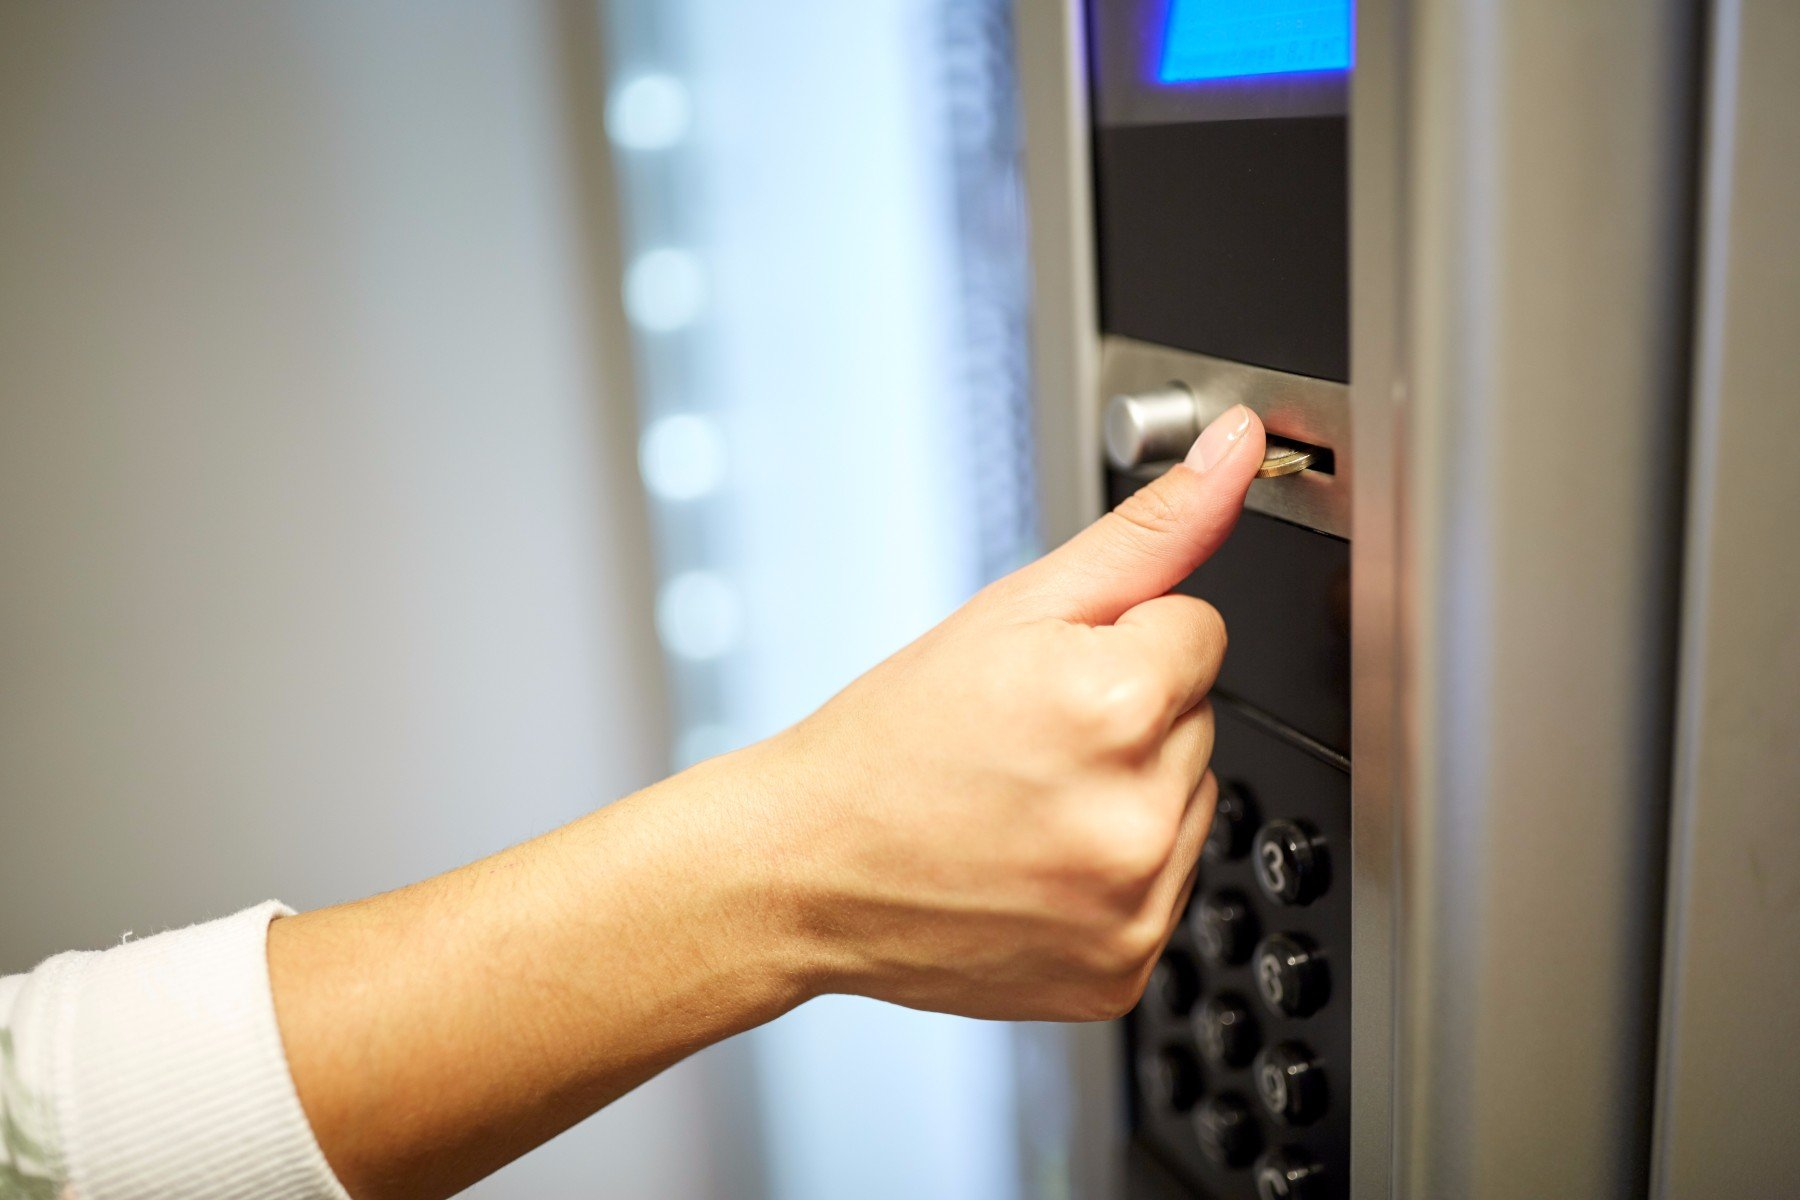 donna inserisce moneta nel distributore automatico